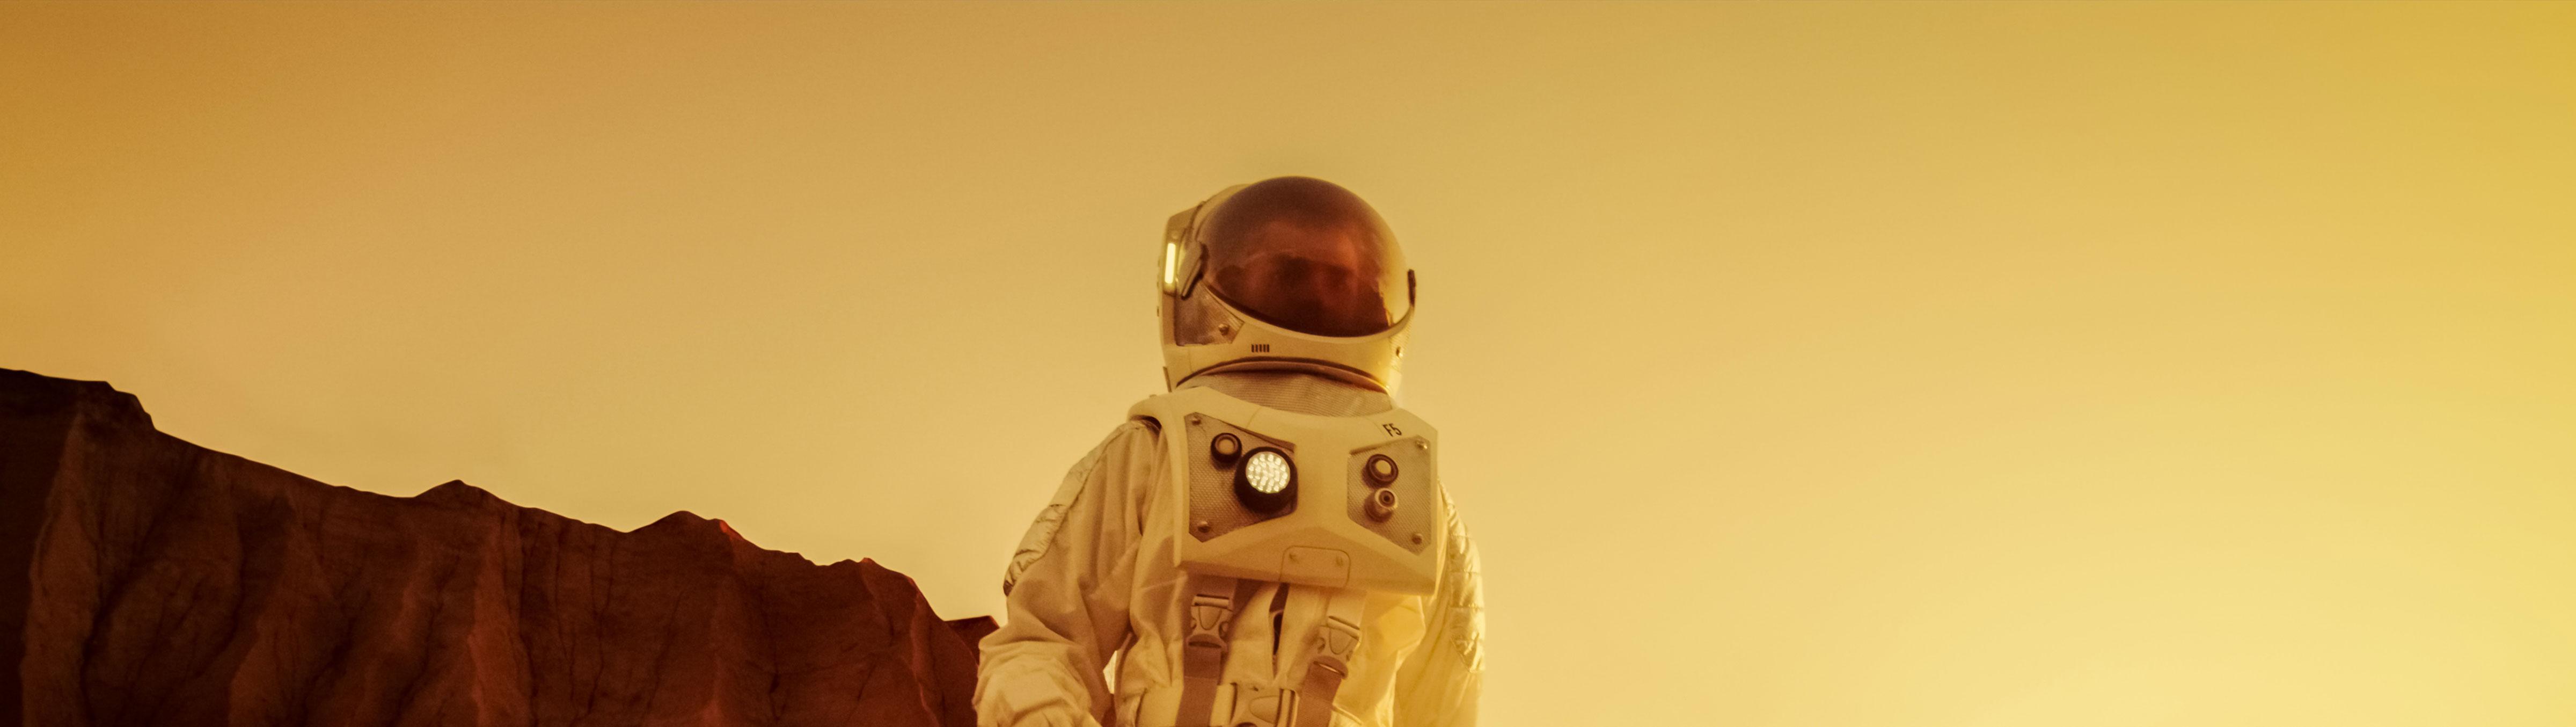 Astronautti vuoren edessä